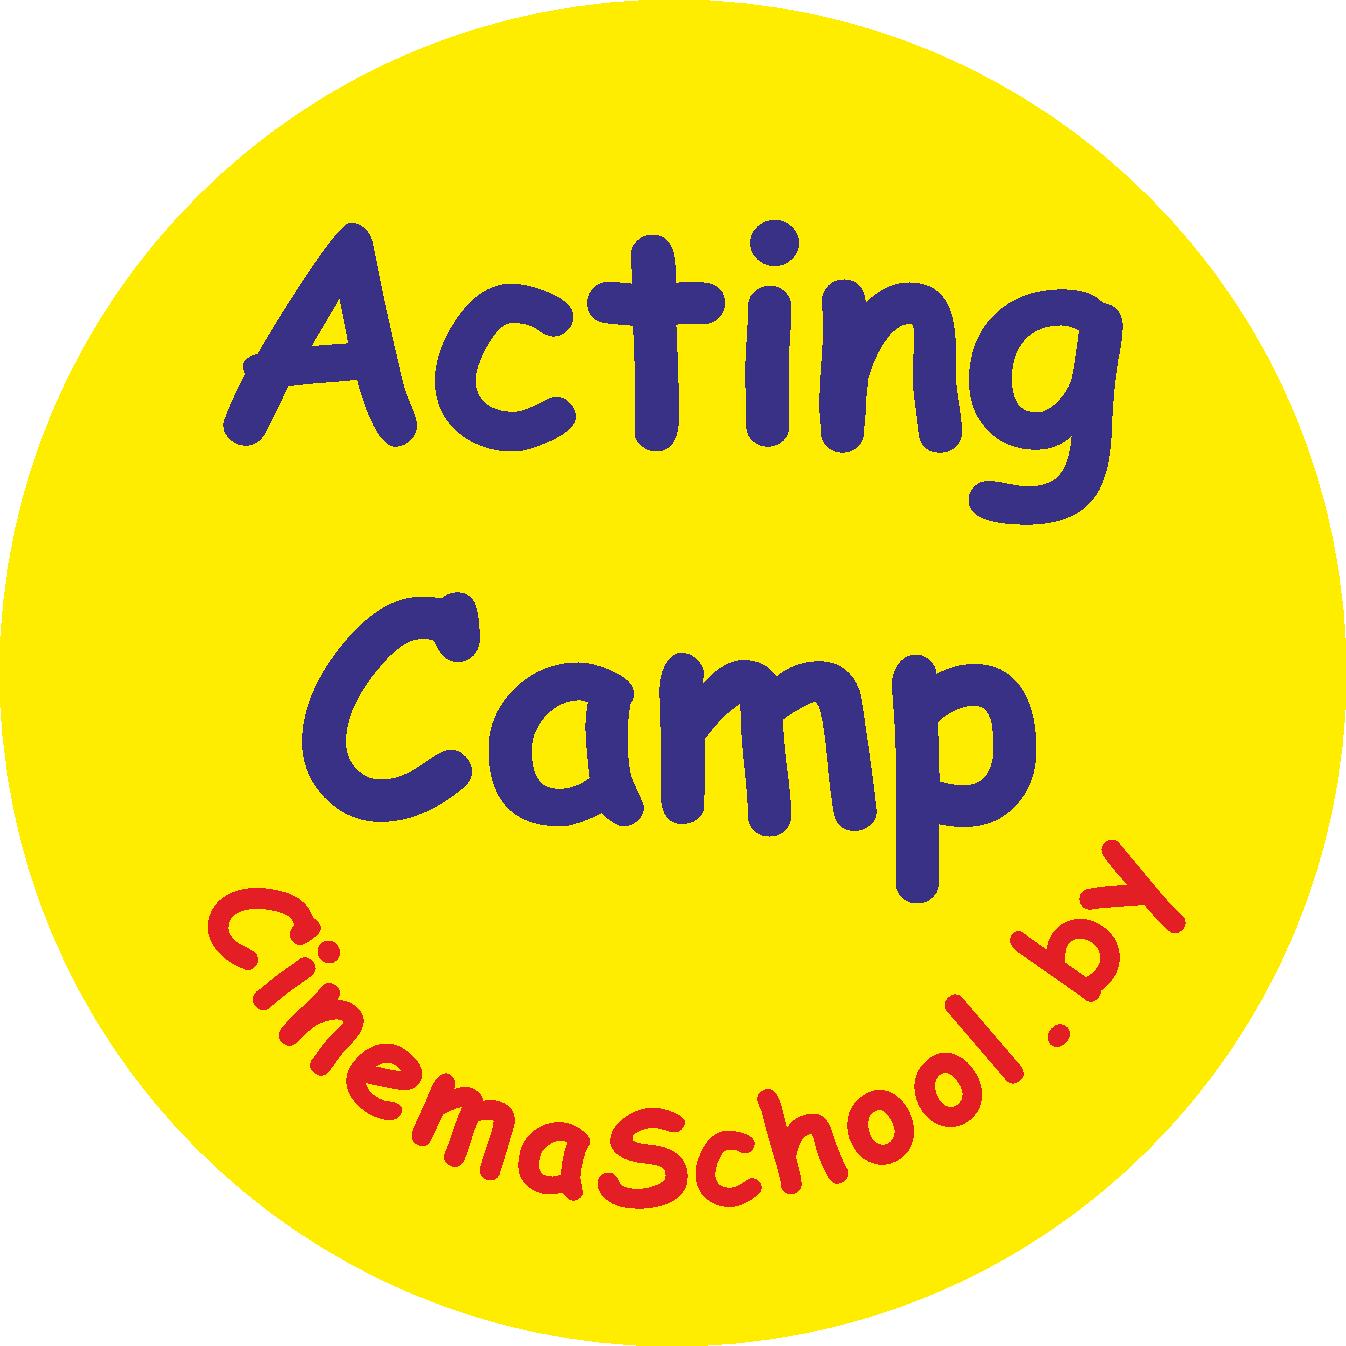 Acting Camp— лагерь актёрского мастерства Минской школы киноискусства (CinemaSchool.by)